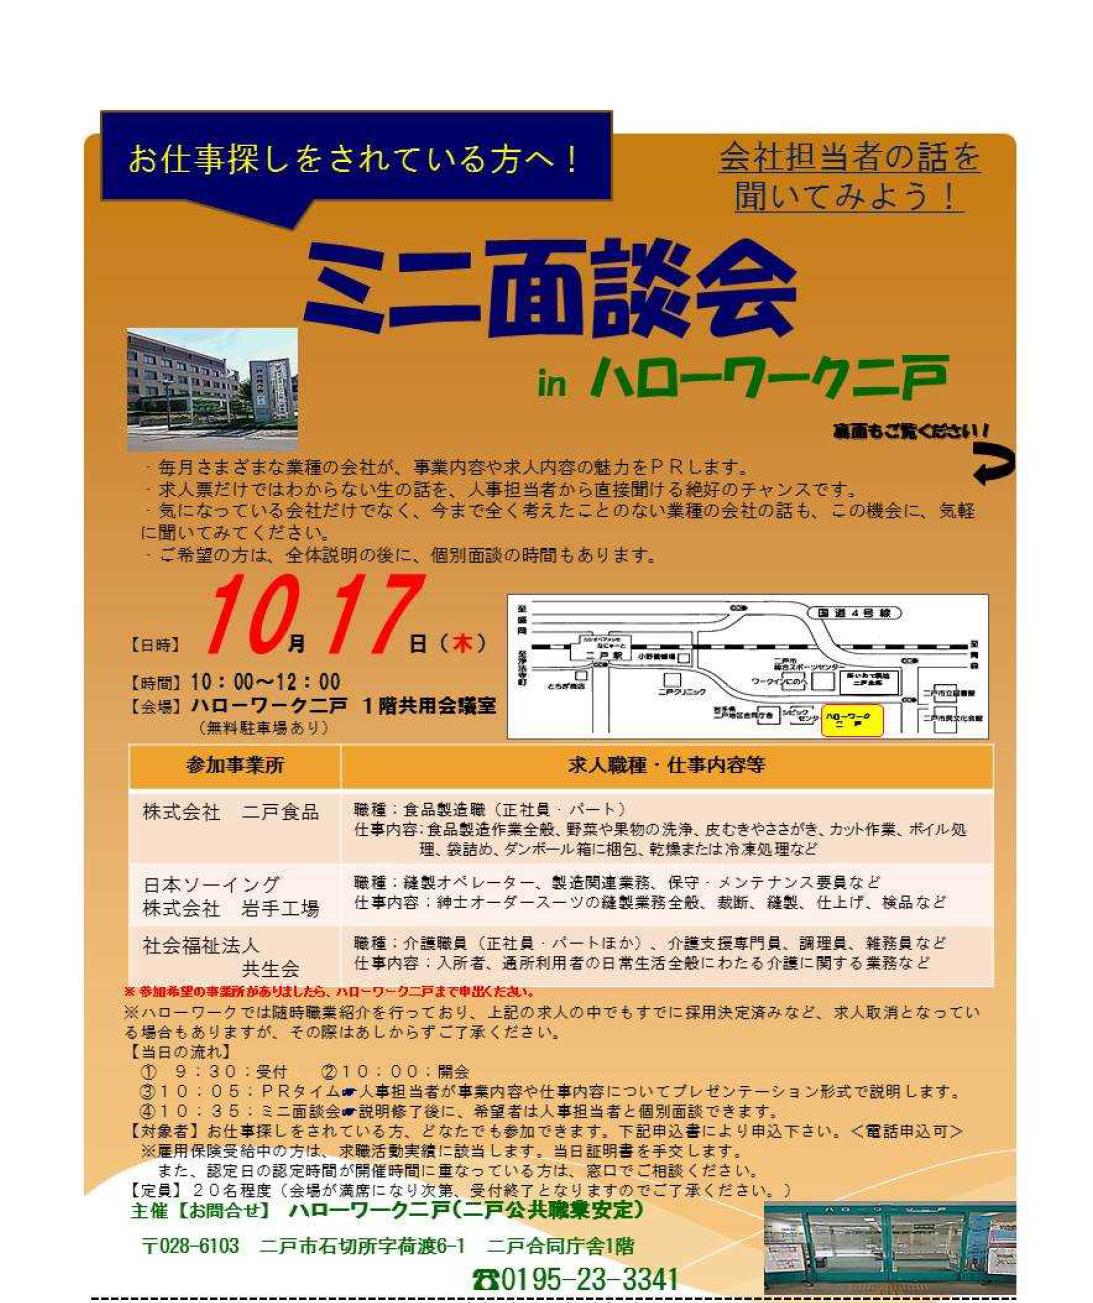 ミニ面談会 岩手労働局